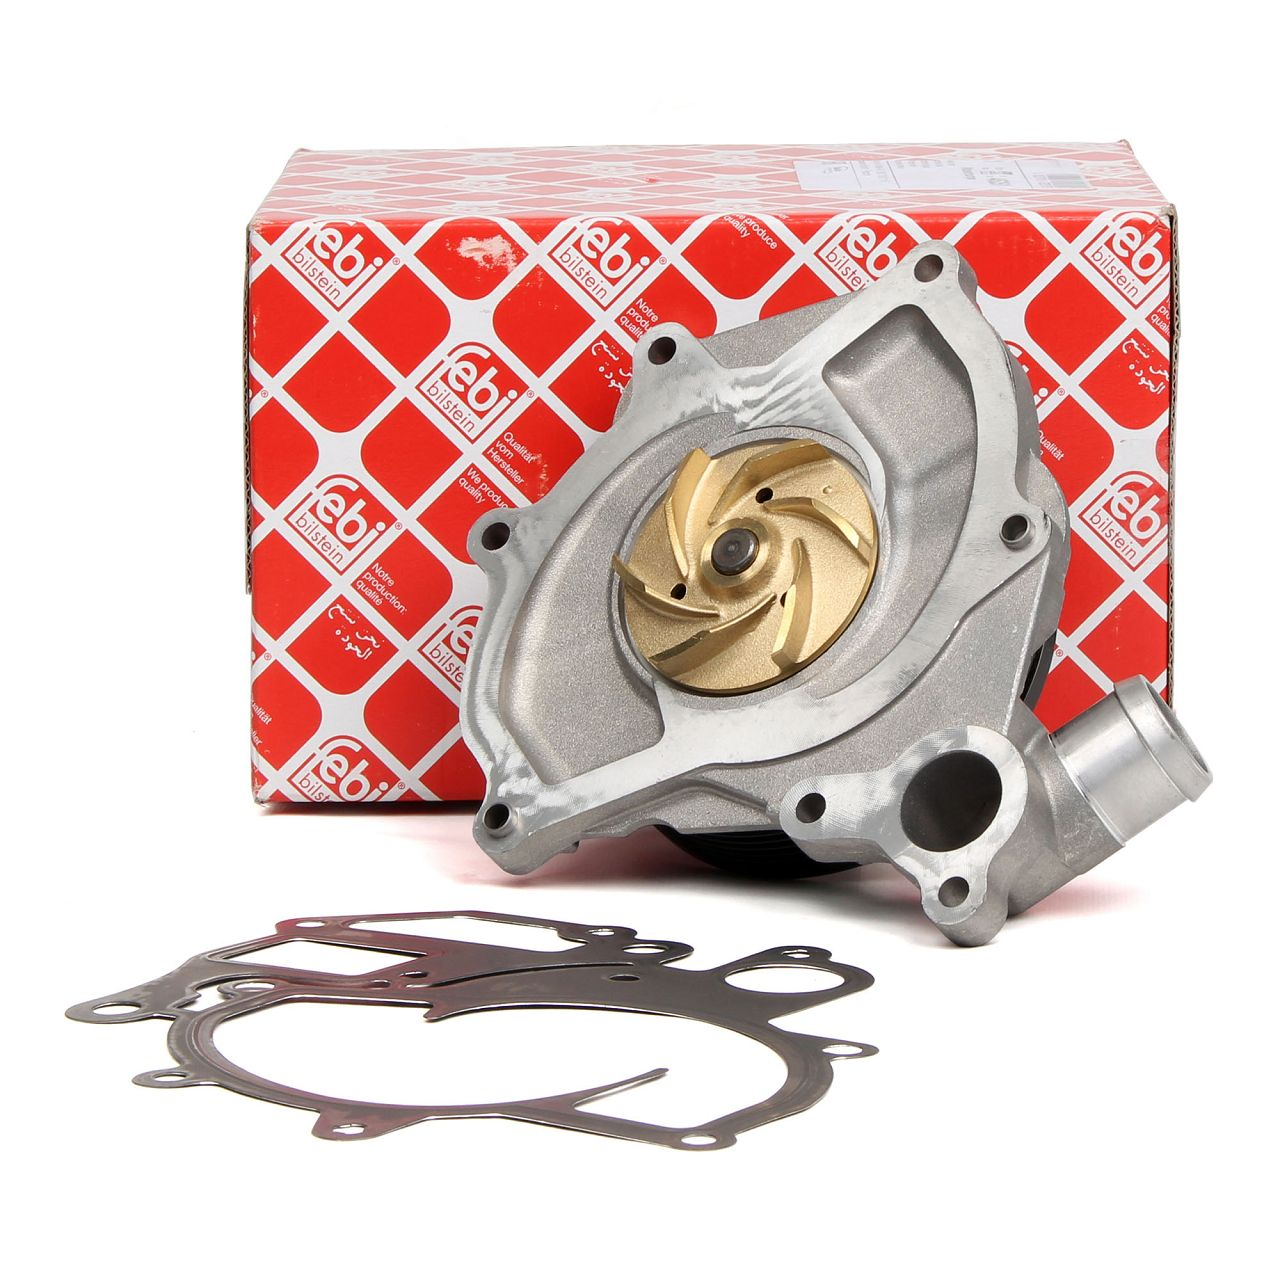 FEBI 45251 Wasserpumpe PORSCHE 996 3.4/3.6 Carrera Boxster 986 2.5 2.7 S 3.2